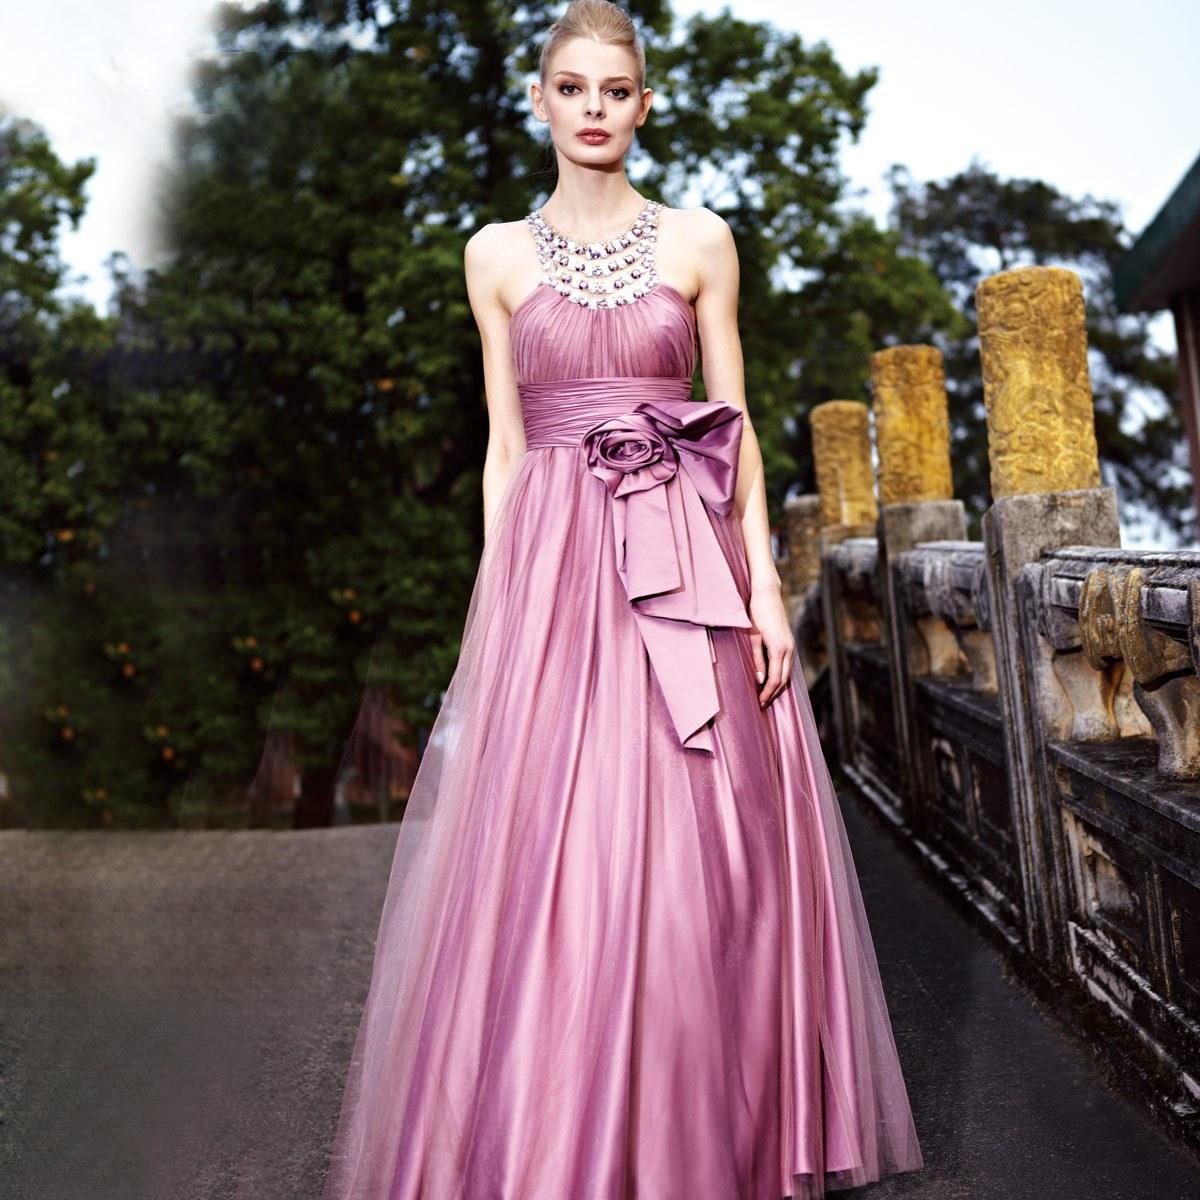 创意狐2012新款 新娘敬酒挂脖礼服 紫色晚宴装 欧式热卖爆款80191